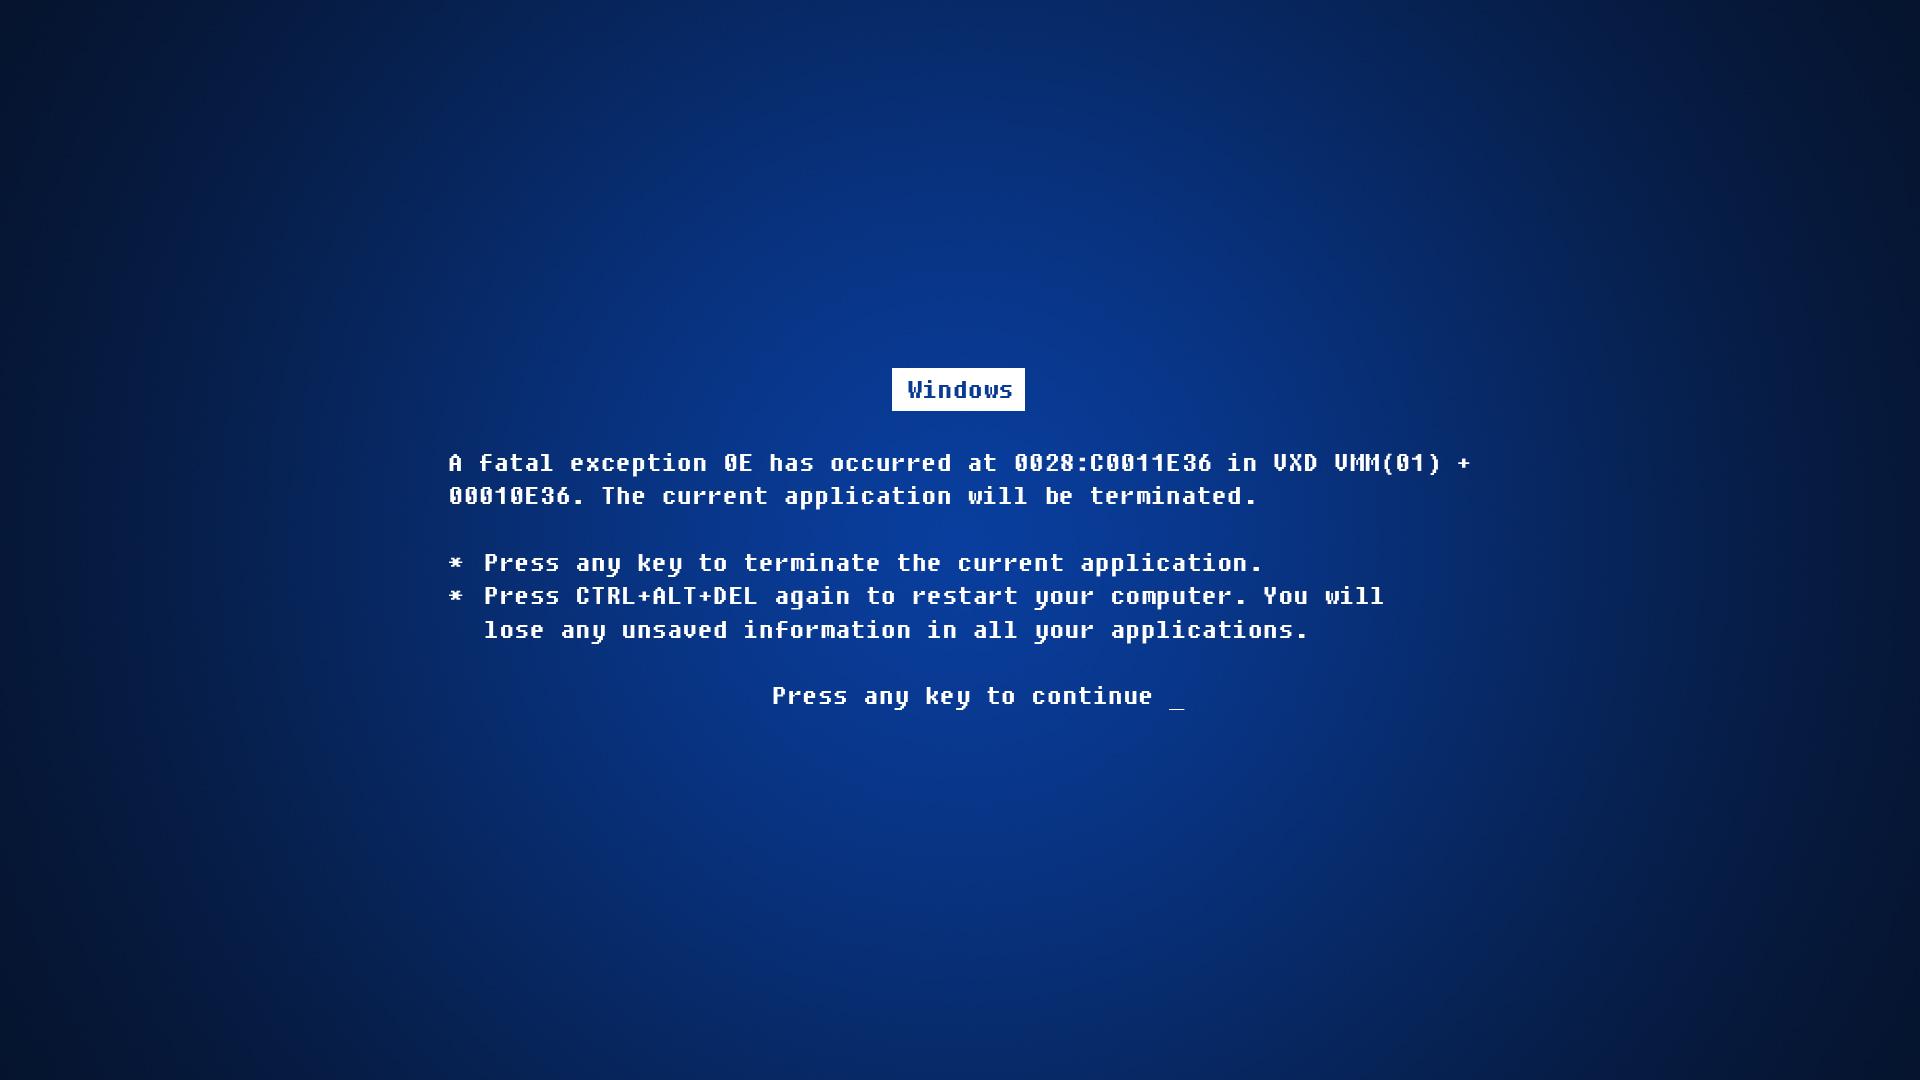 465 kB jpeg New Windows Blue Screen of Death Wallpaper 31077 1920x1080